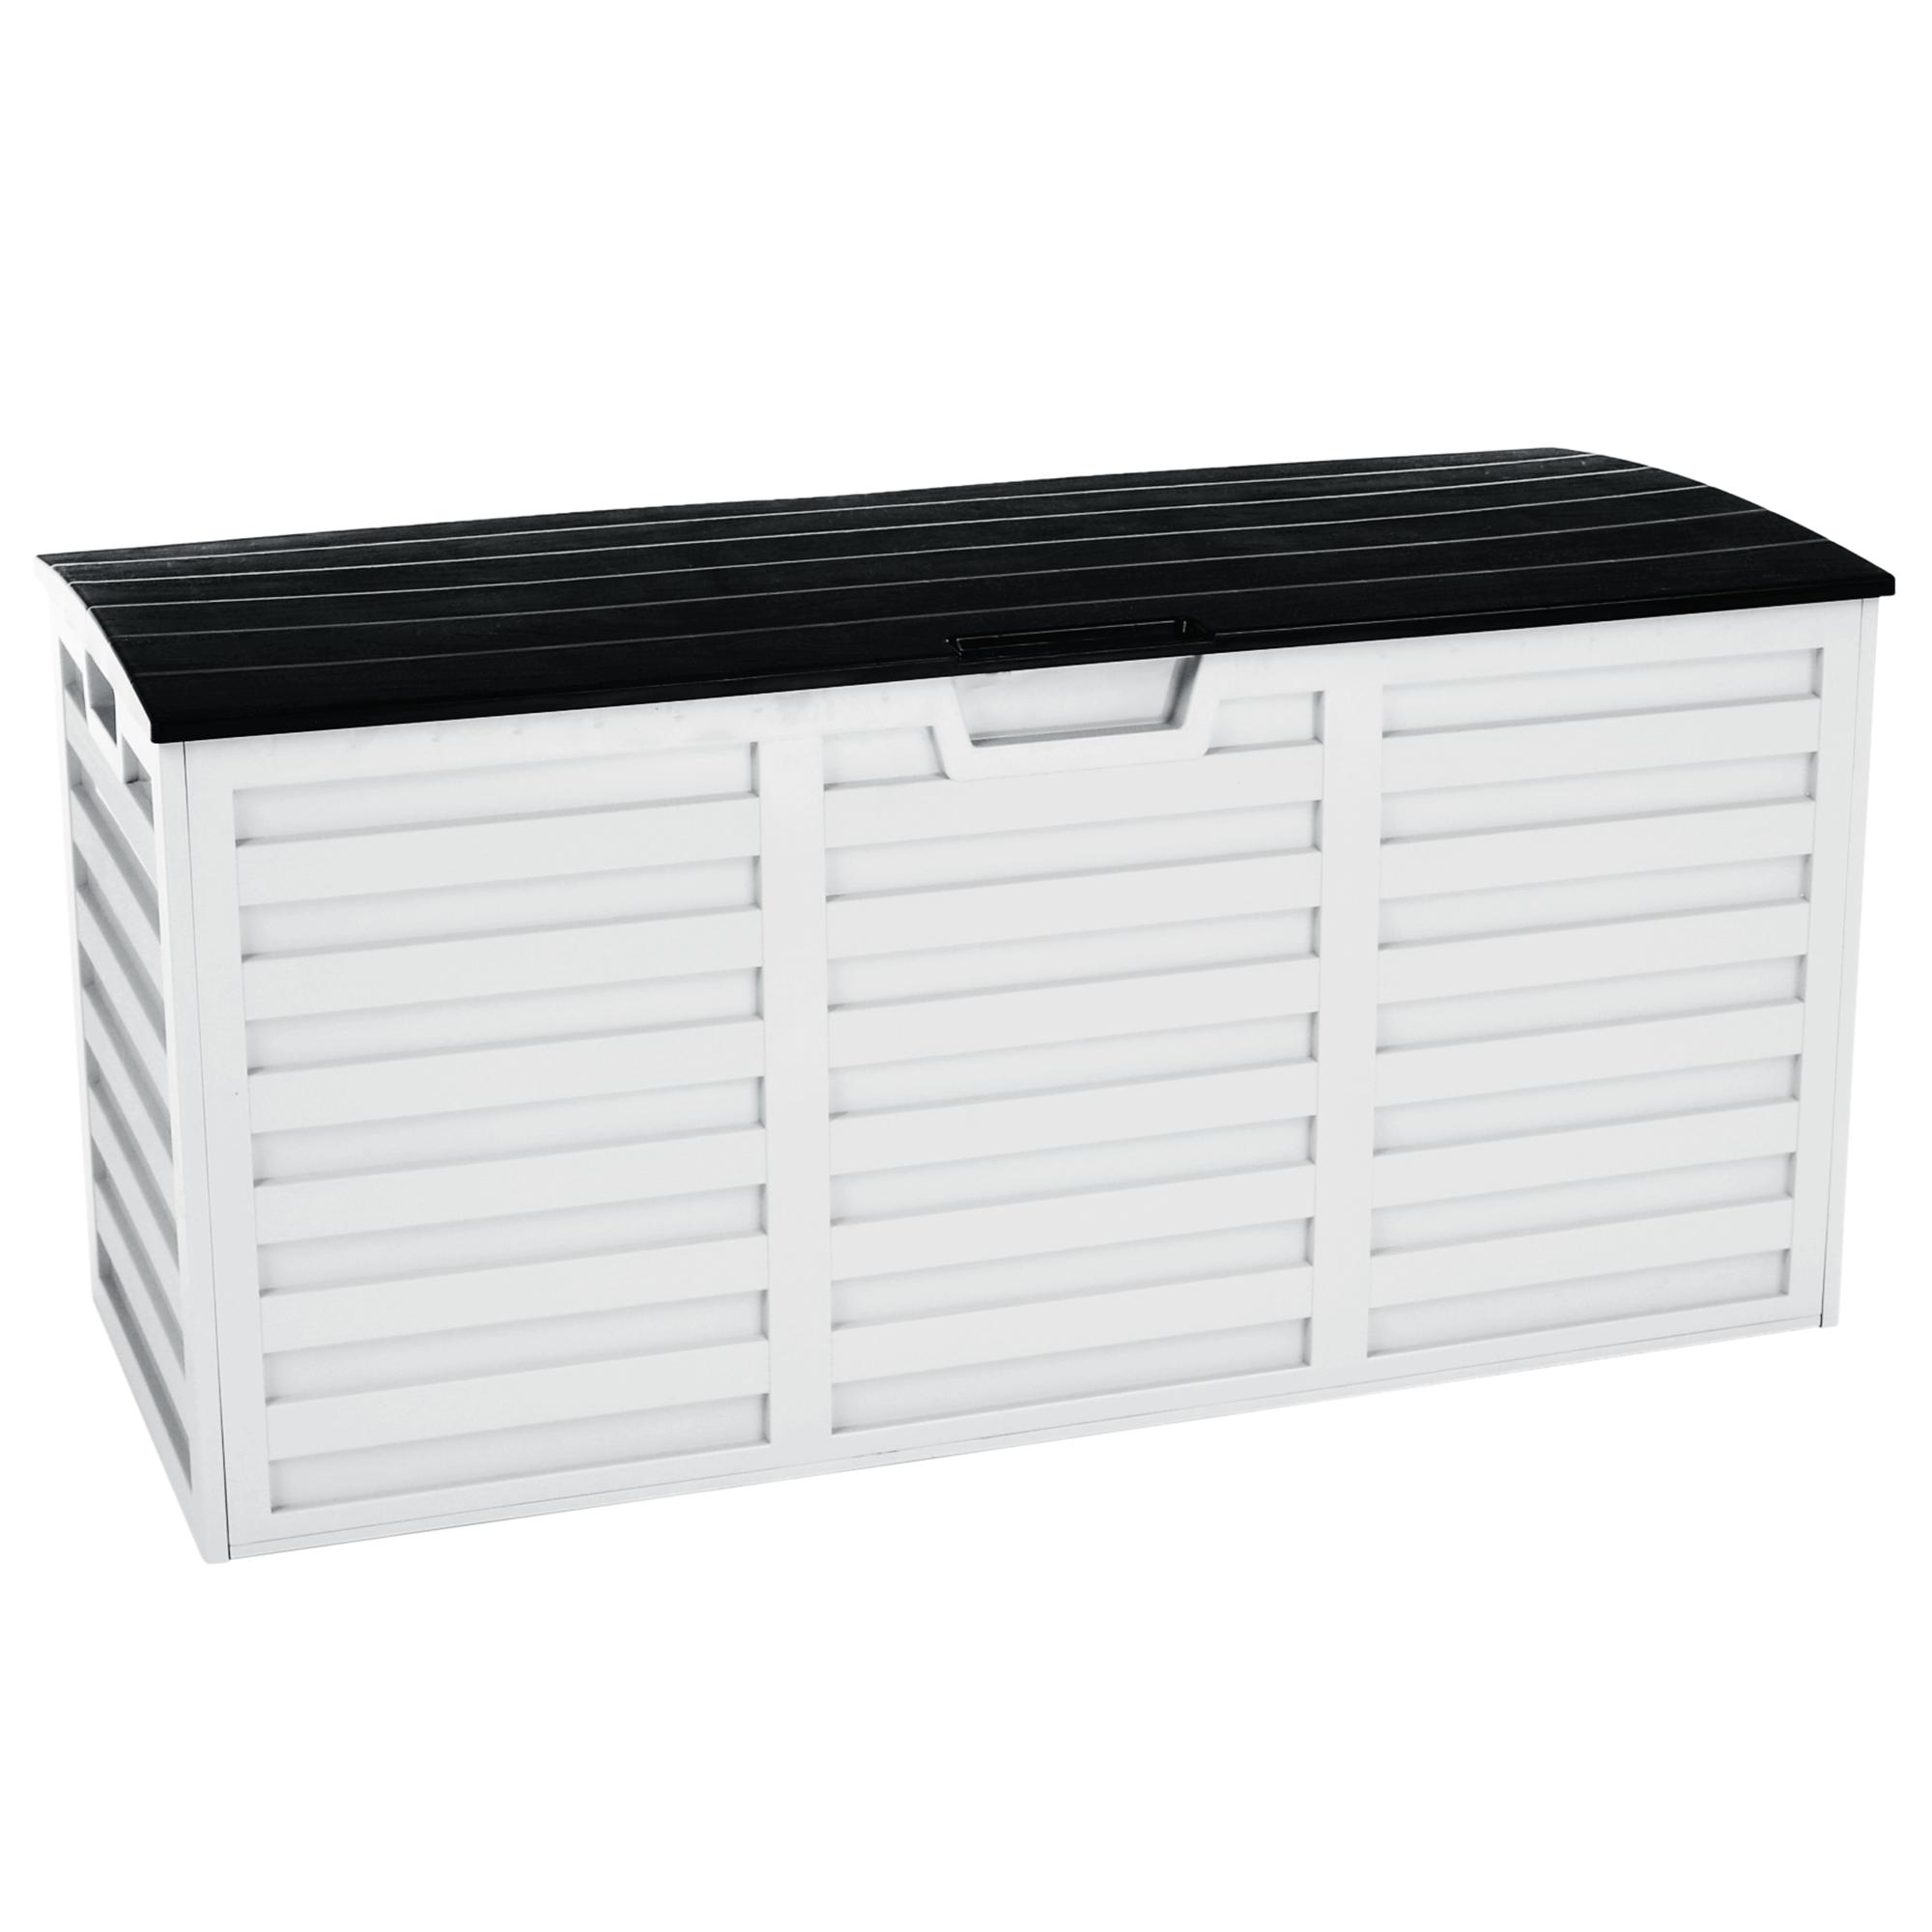 Cutie depozitare grădină, alb / negru, PADMO